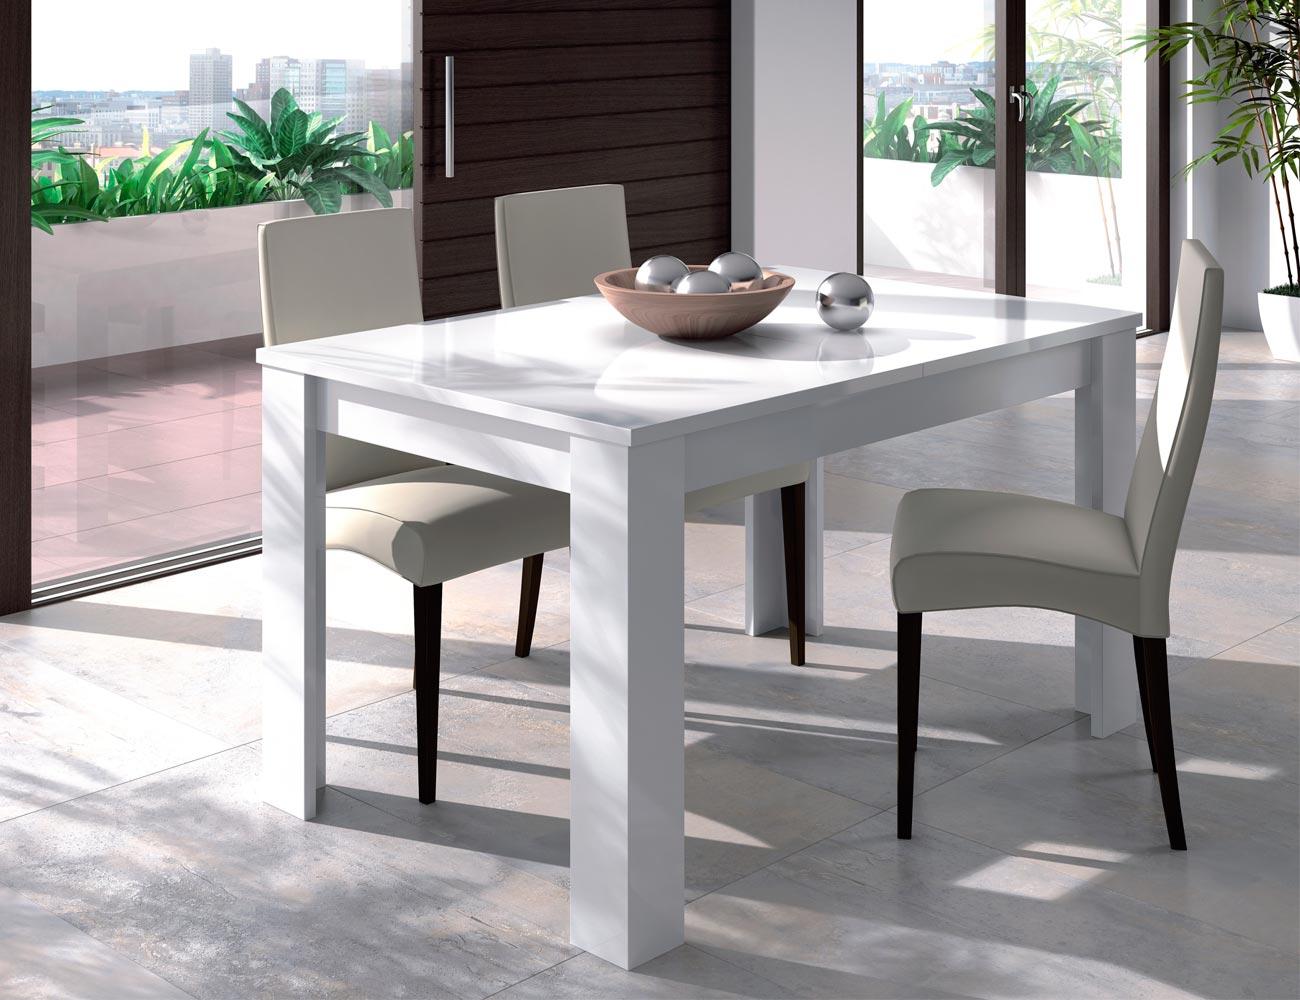 Factory del mueble utrera el mejor precio en muebles y for Factory del mueble azuaga